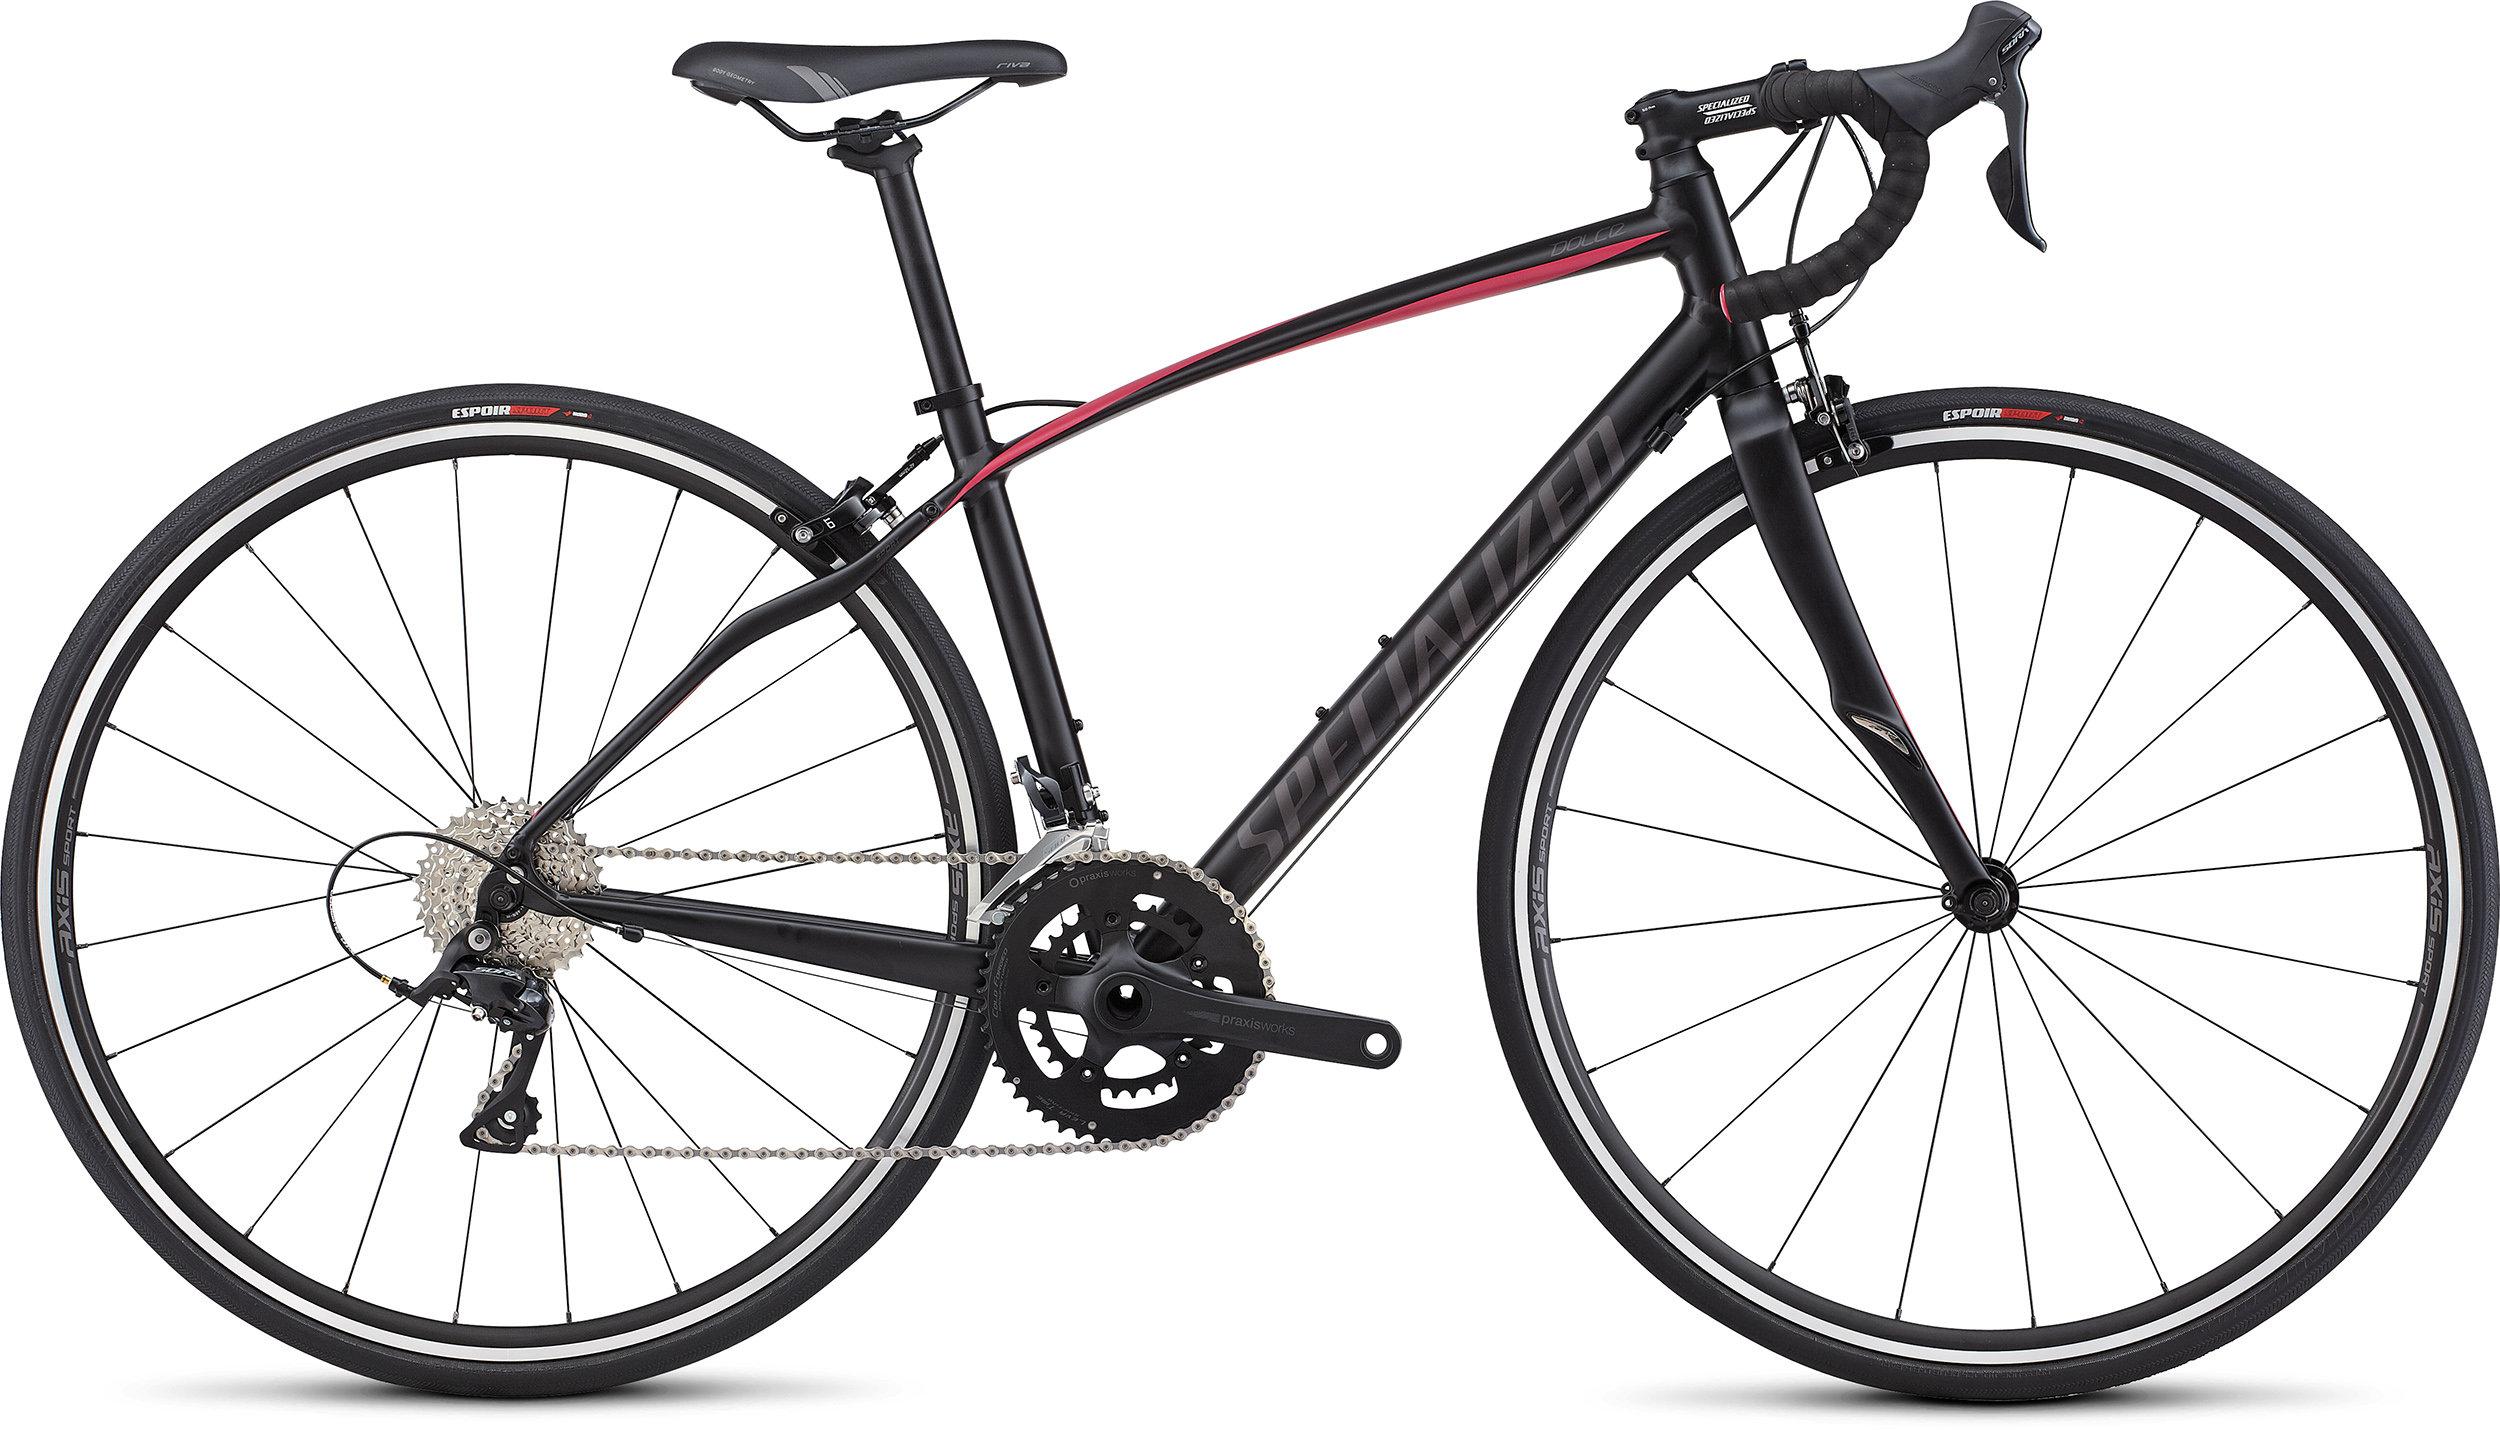 570c4951e65 Dolce Sport | Specialized.com